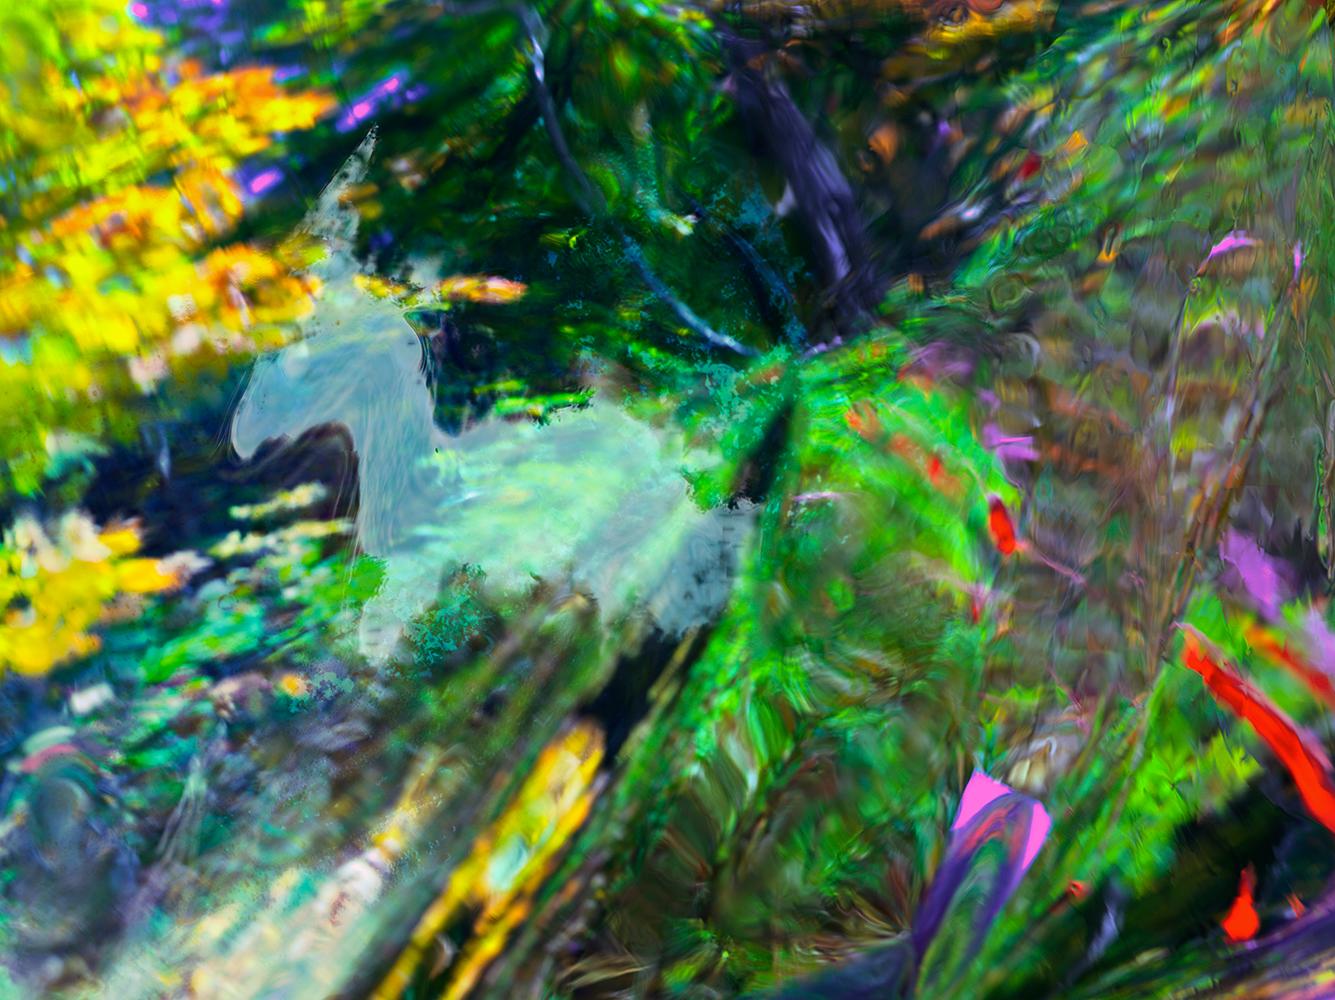 Elias Wessel  Hinter den Dingen 11 , 2017  Color Photograph  Original: 180 x 240.3 cm